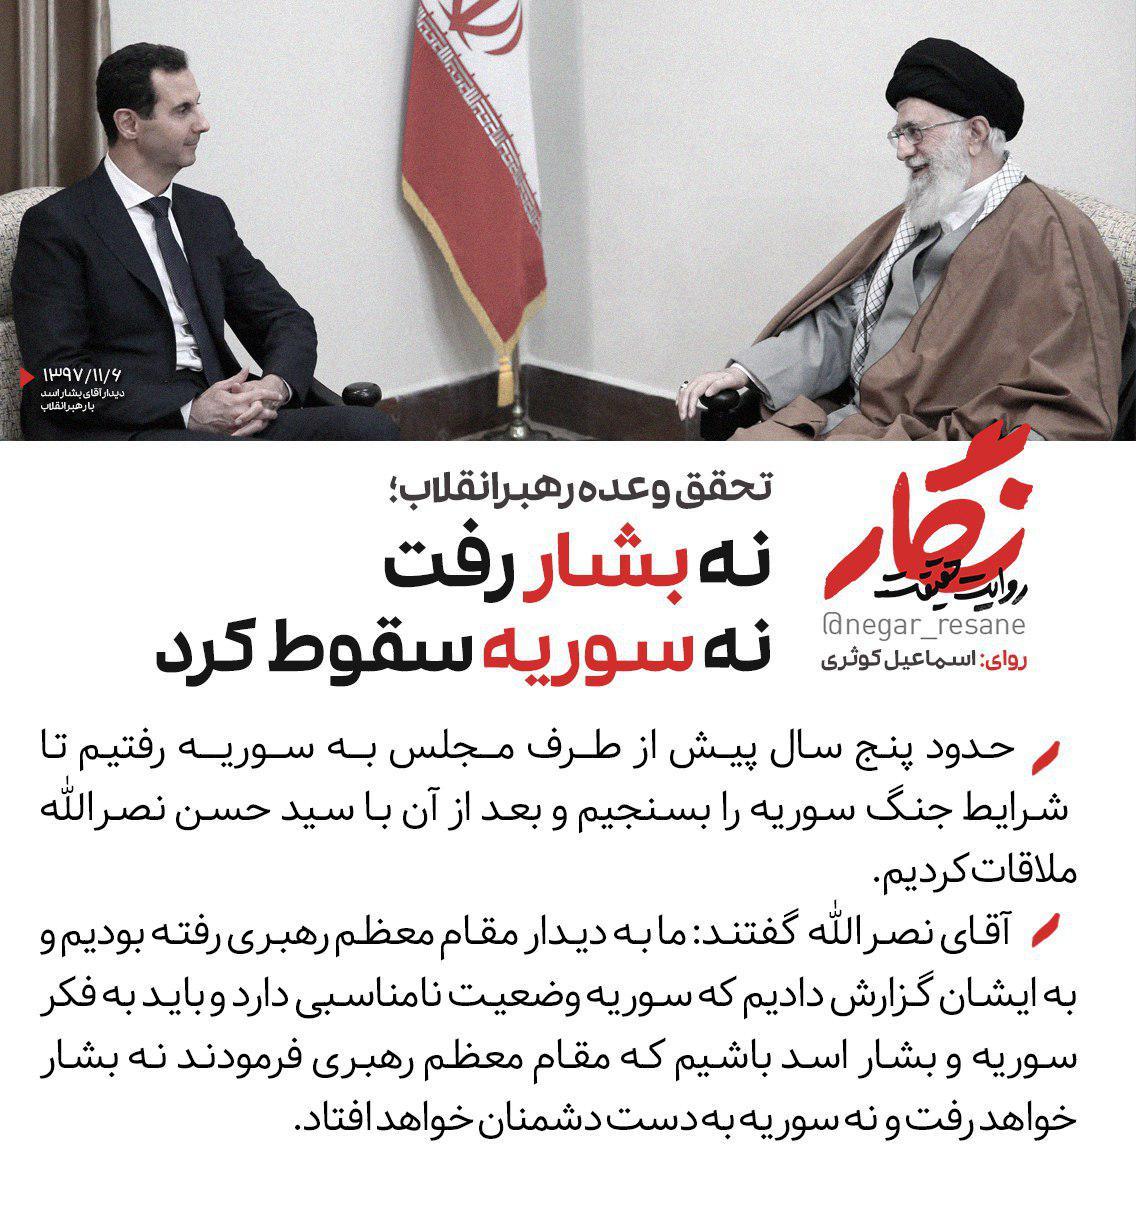 پاسخ رهبر انقلاب درباره وضعیت سوریه و بشار اسد که سیدحسن نصرالله را دلگرم کرد